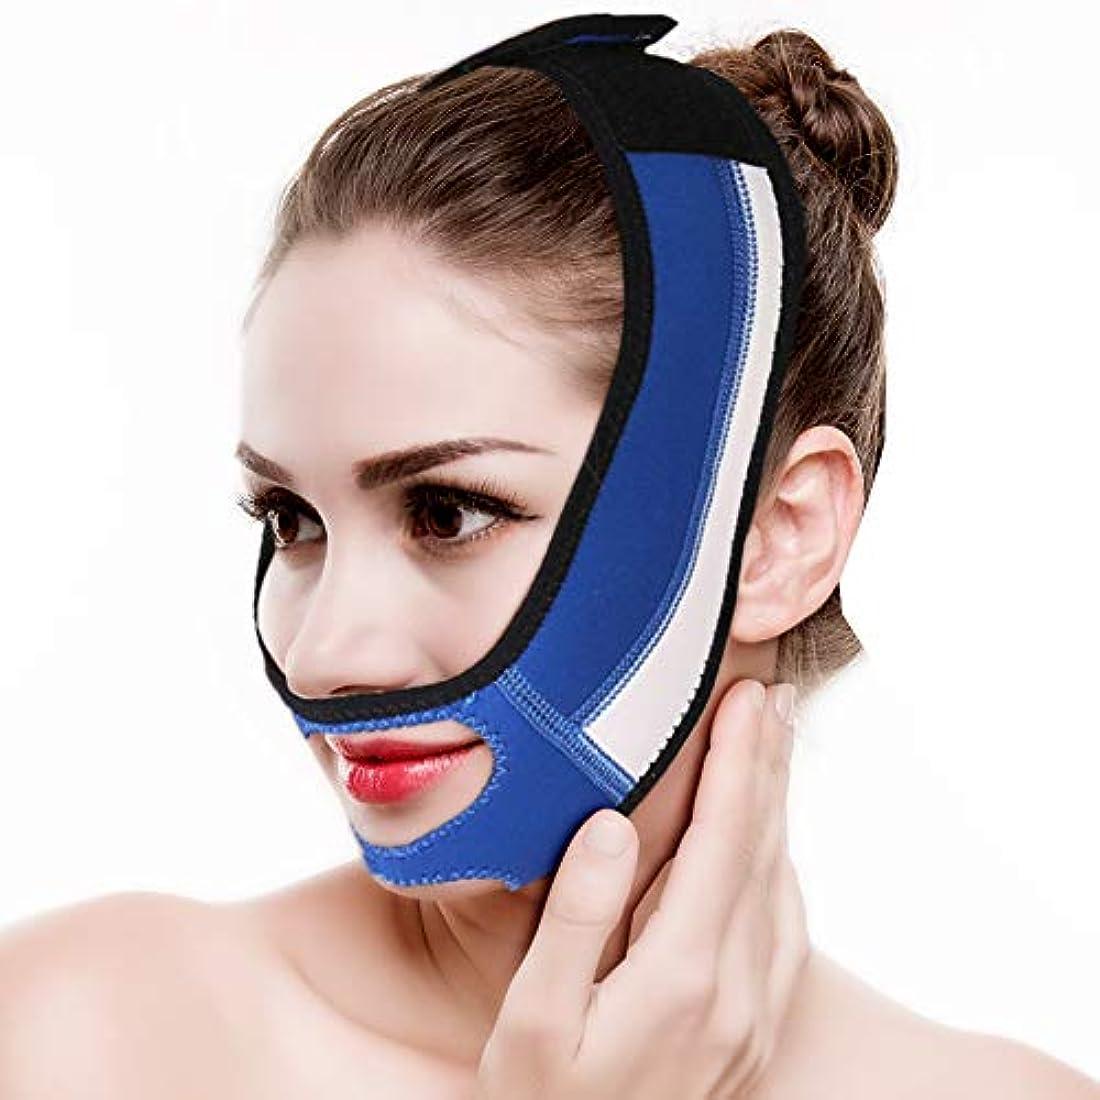 Semme顔の細くマスクの上昇の表面ベルトは皮の包帯を調節します、二重あごは調節可能な減量の包帯を取除きます